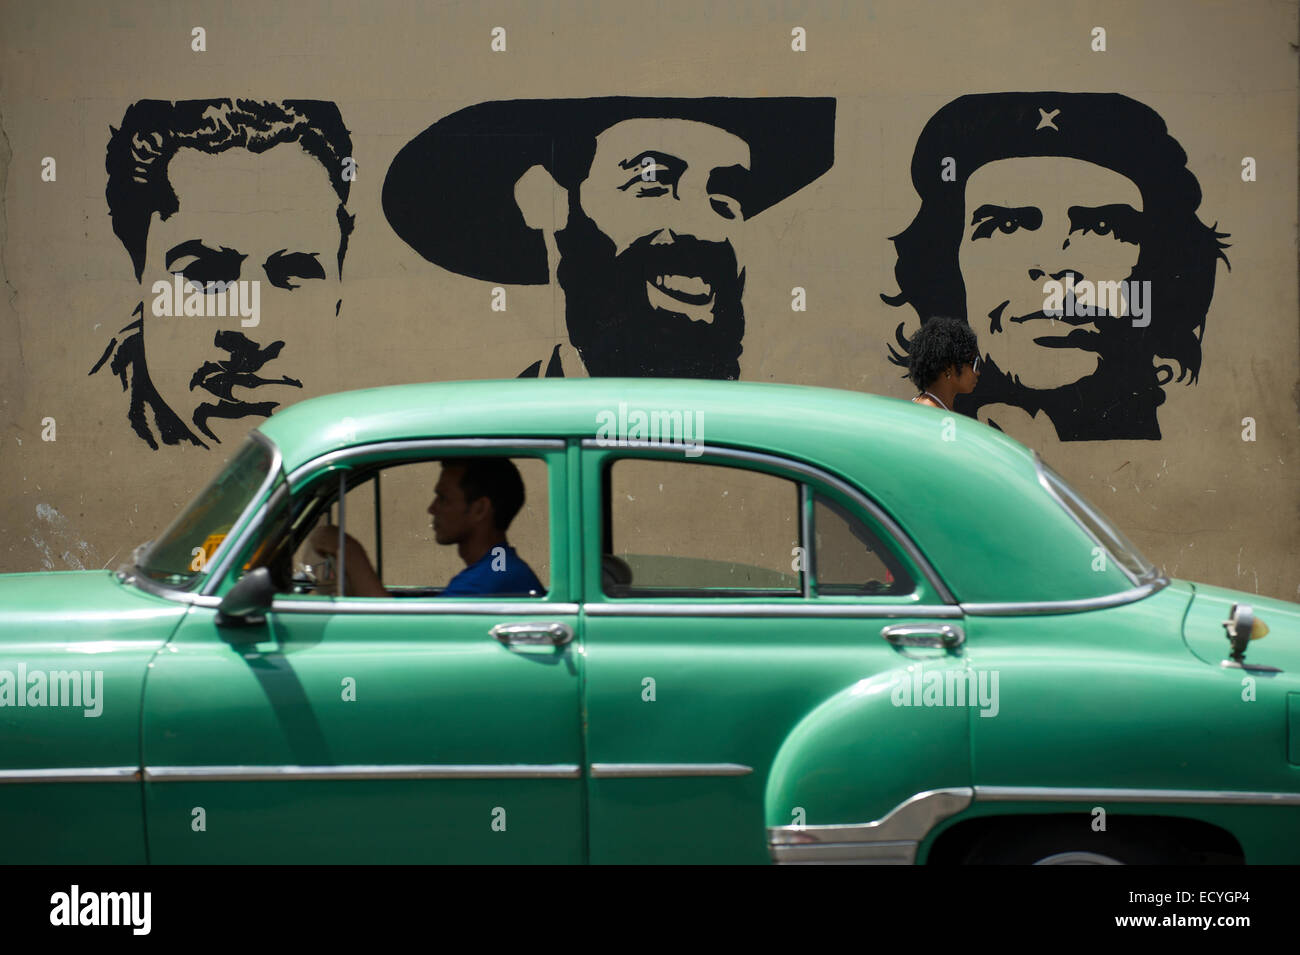 La HAVANE, CUBA - le 13 juin 2011: les lecteurs de voiture américaine classique passé avec panneau pochoir Mella, Cienfuego, et Guevara. Banque D'Images